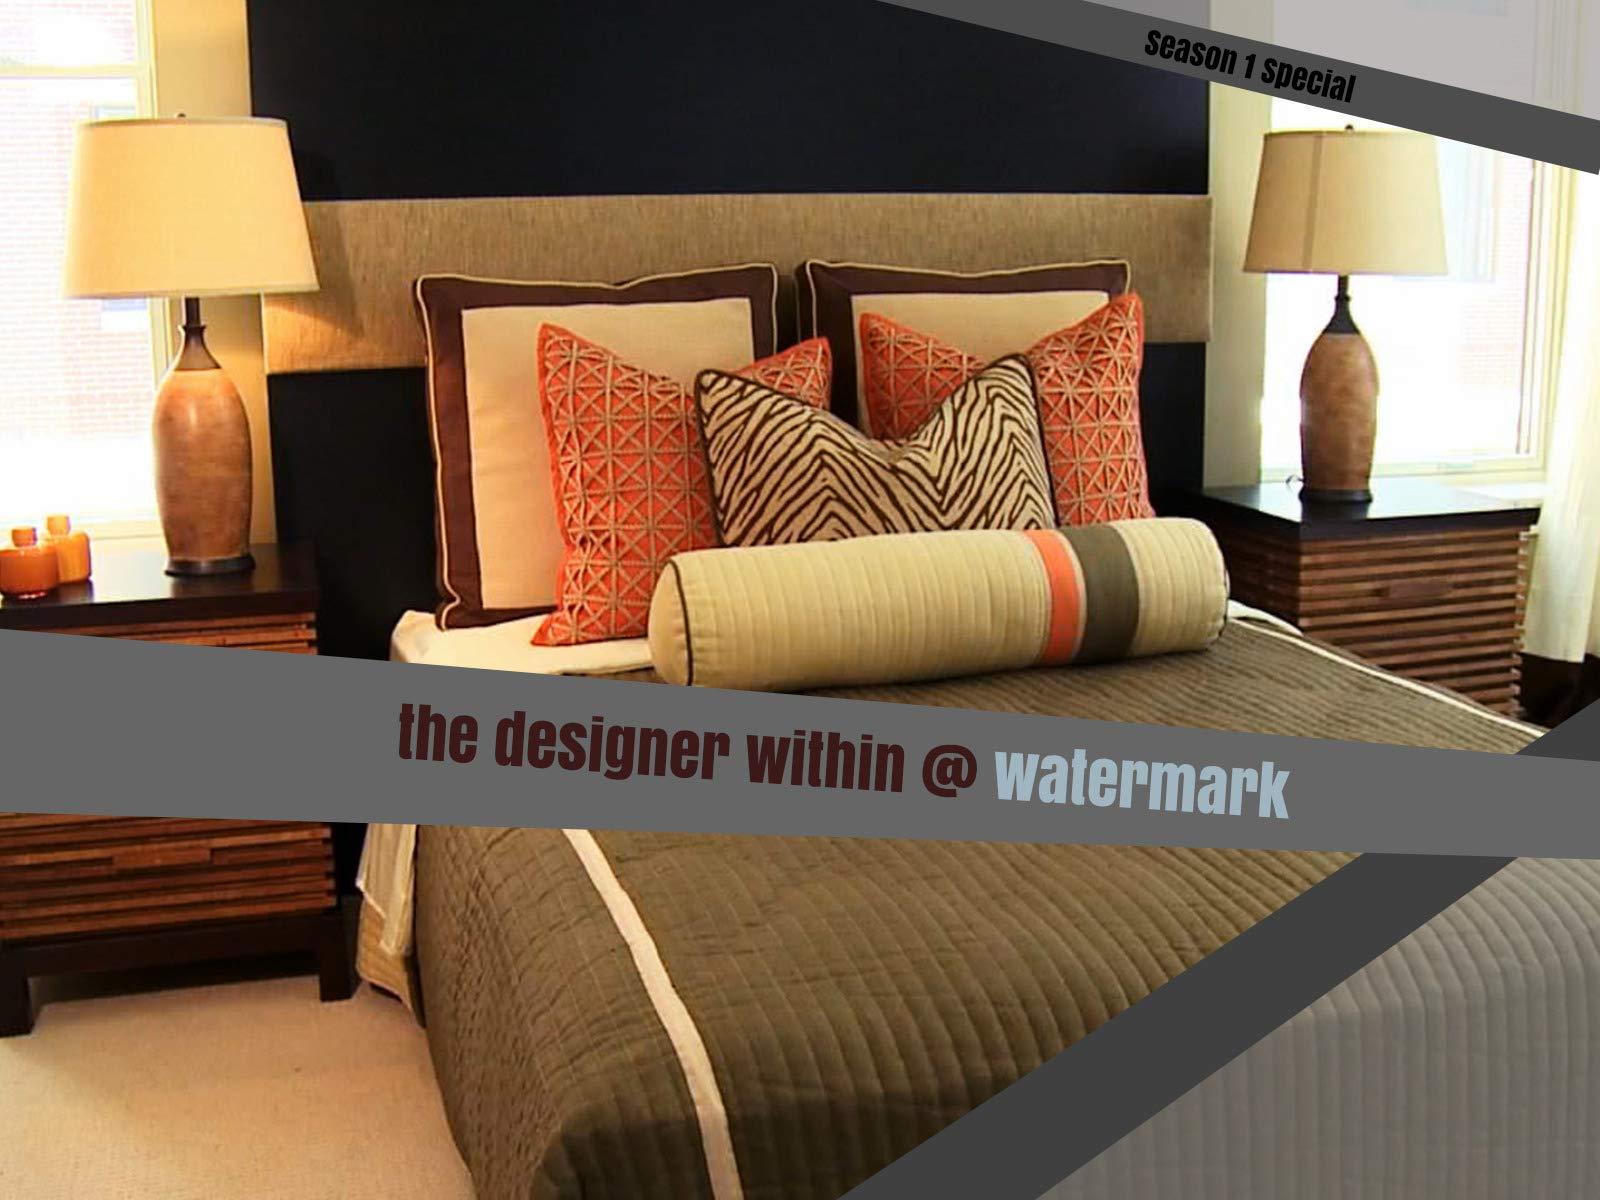 interior design competition tv show 2019 premiere